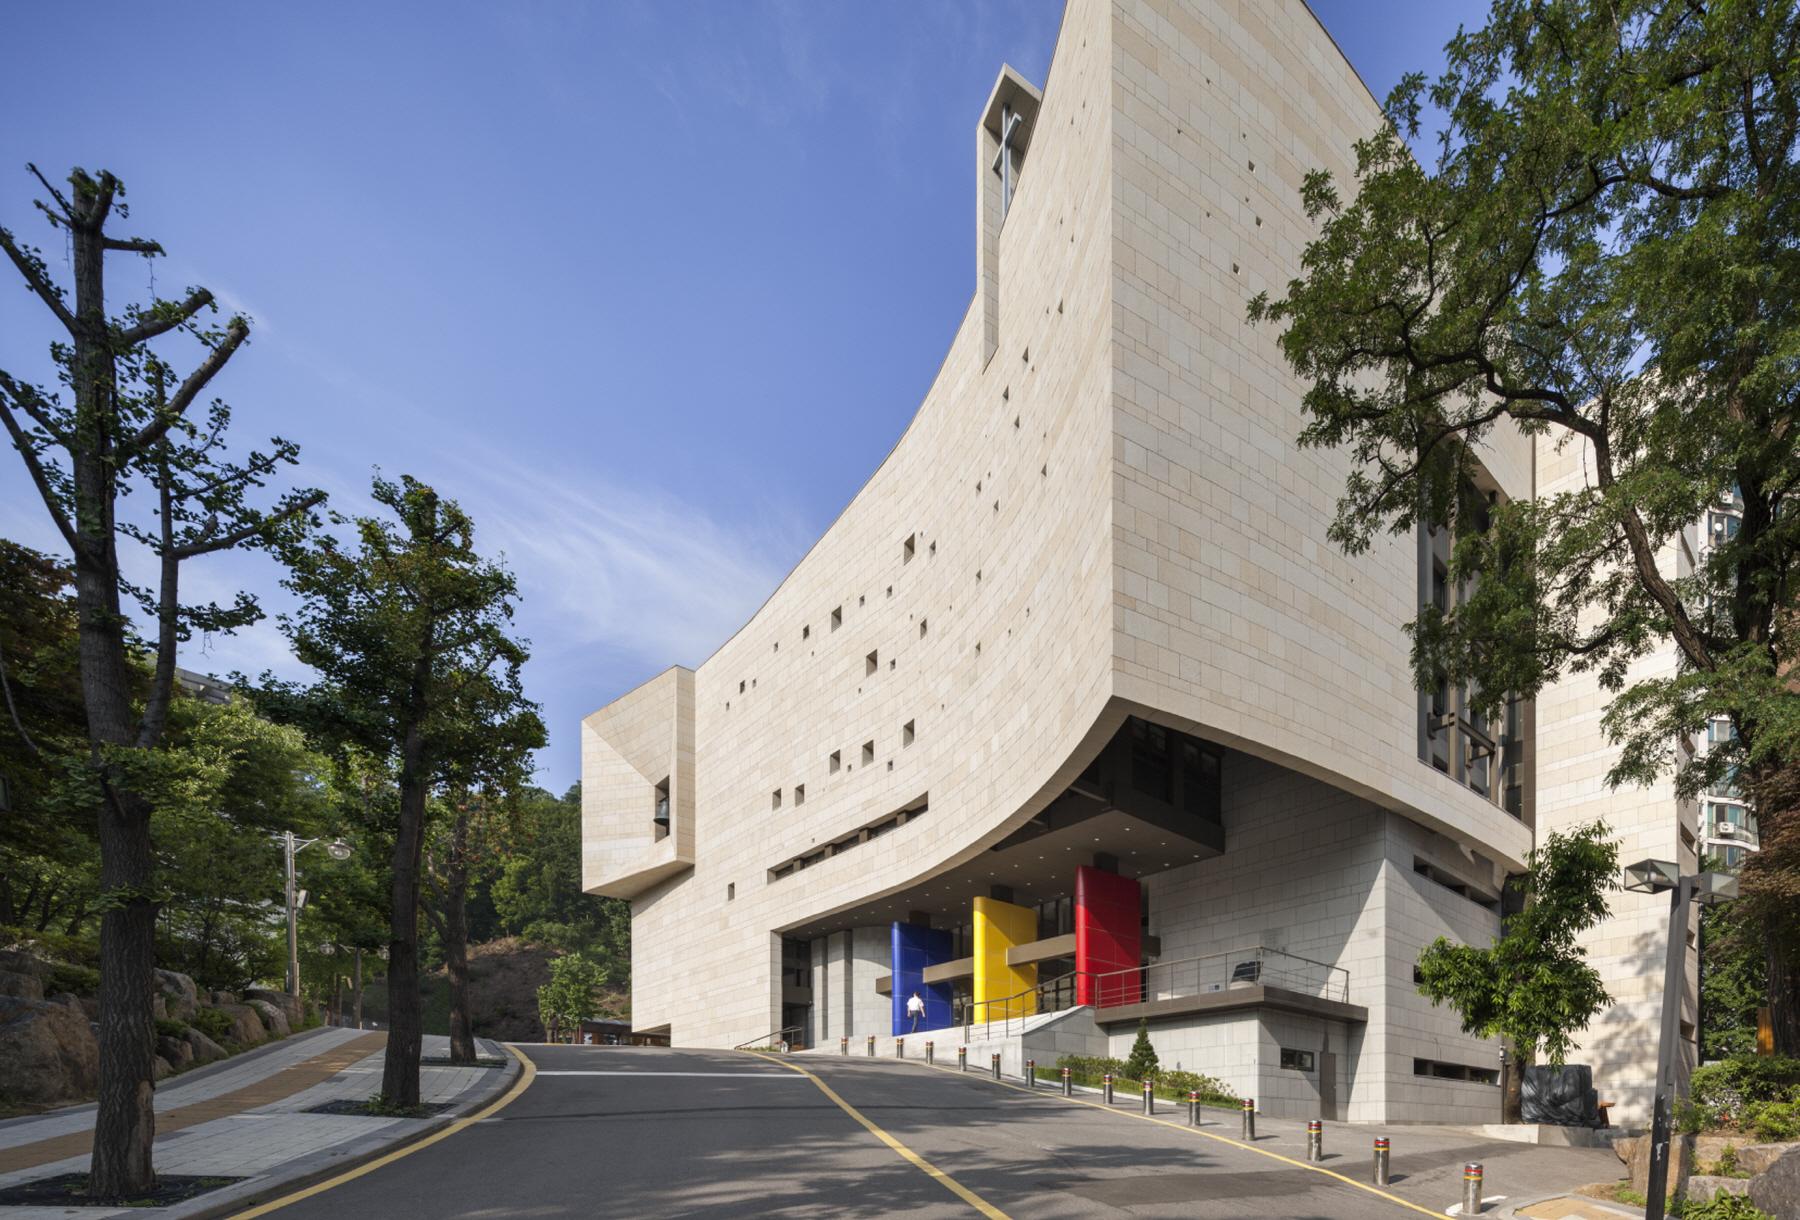 Chongshin University Renovation